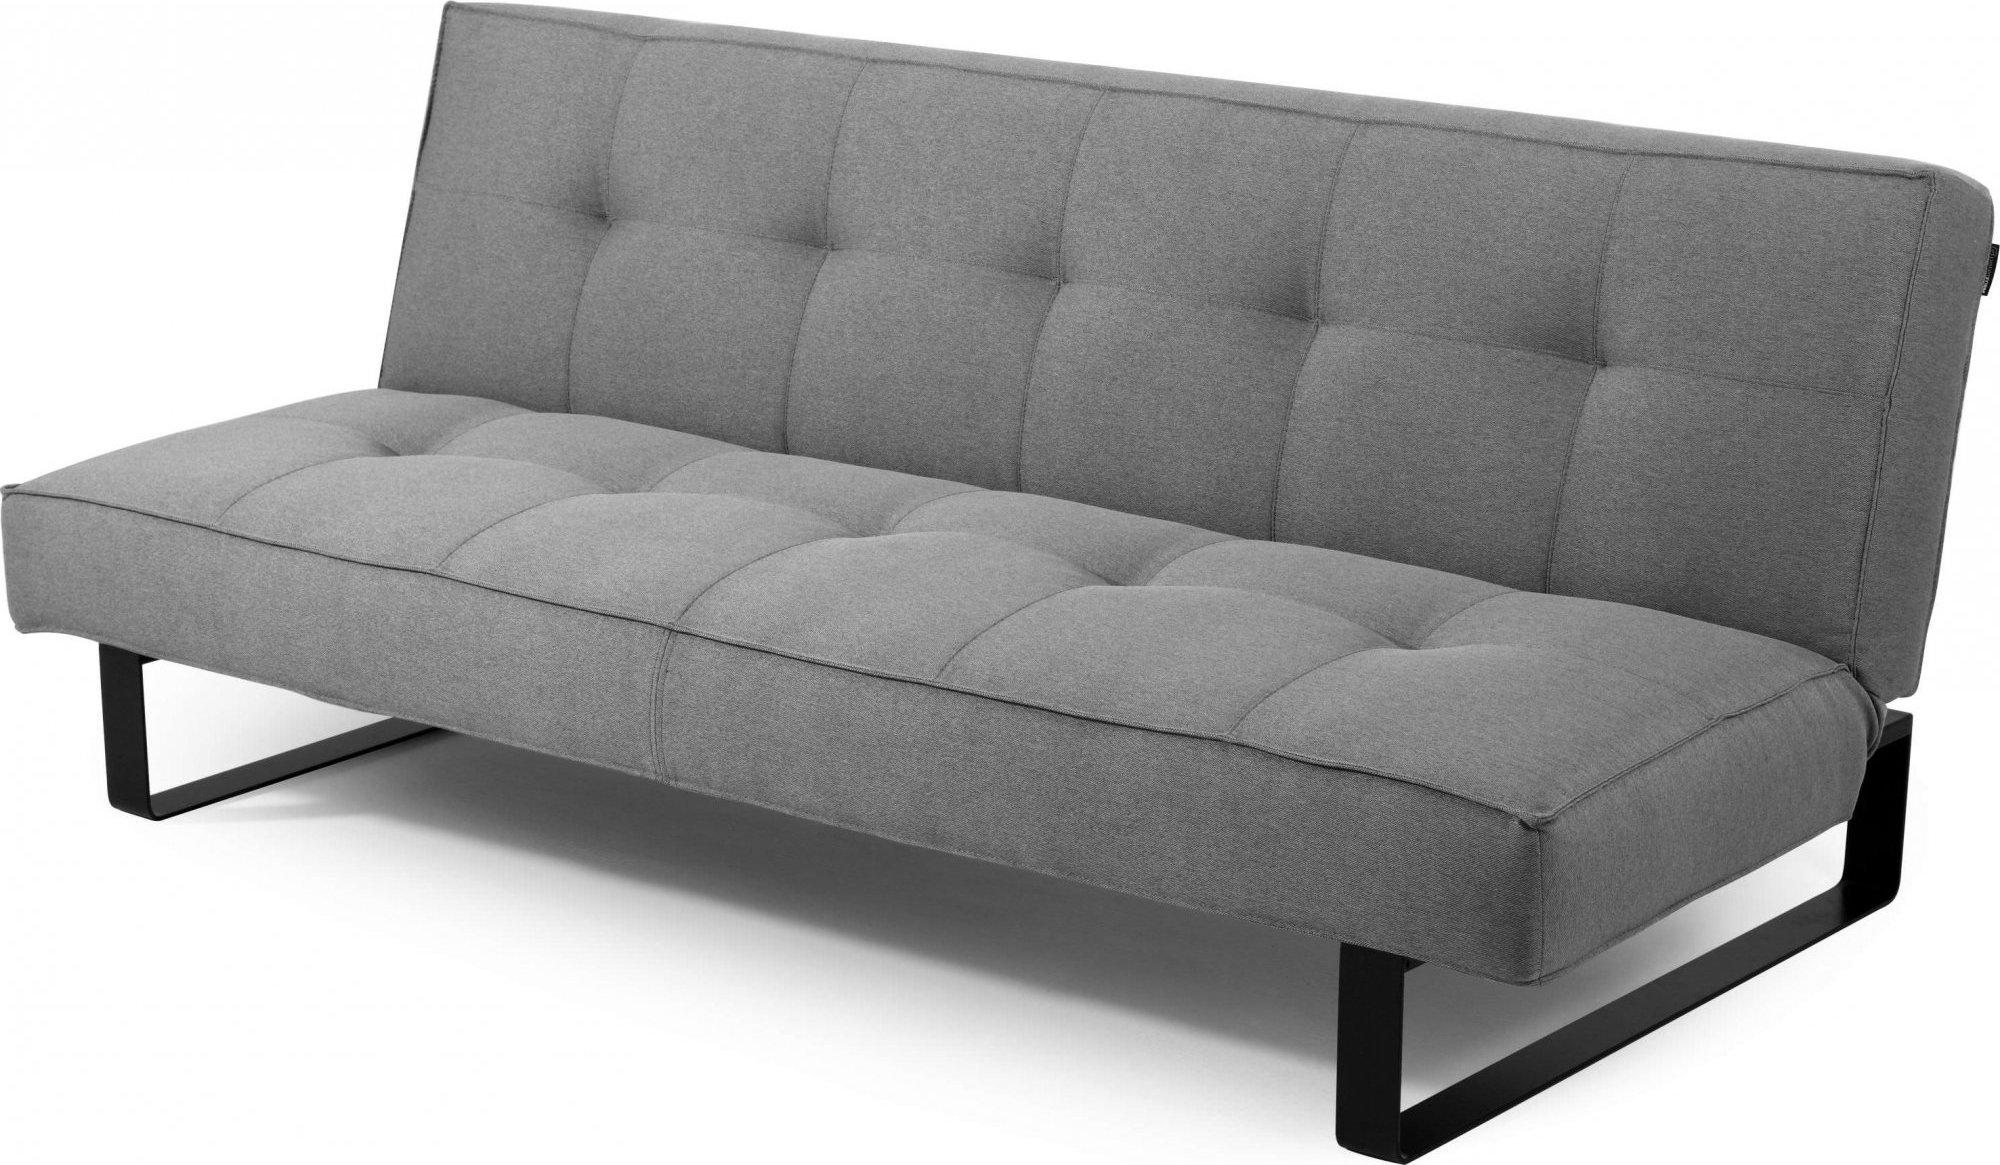 Canapé-lit tissu 2 places gris clair h35cm